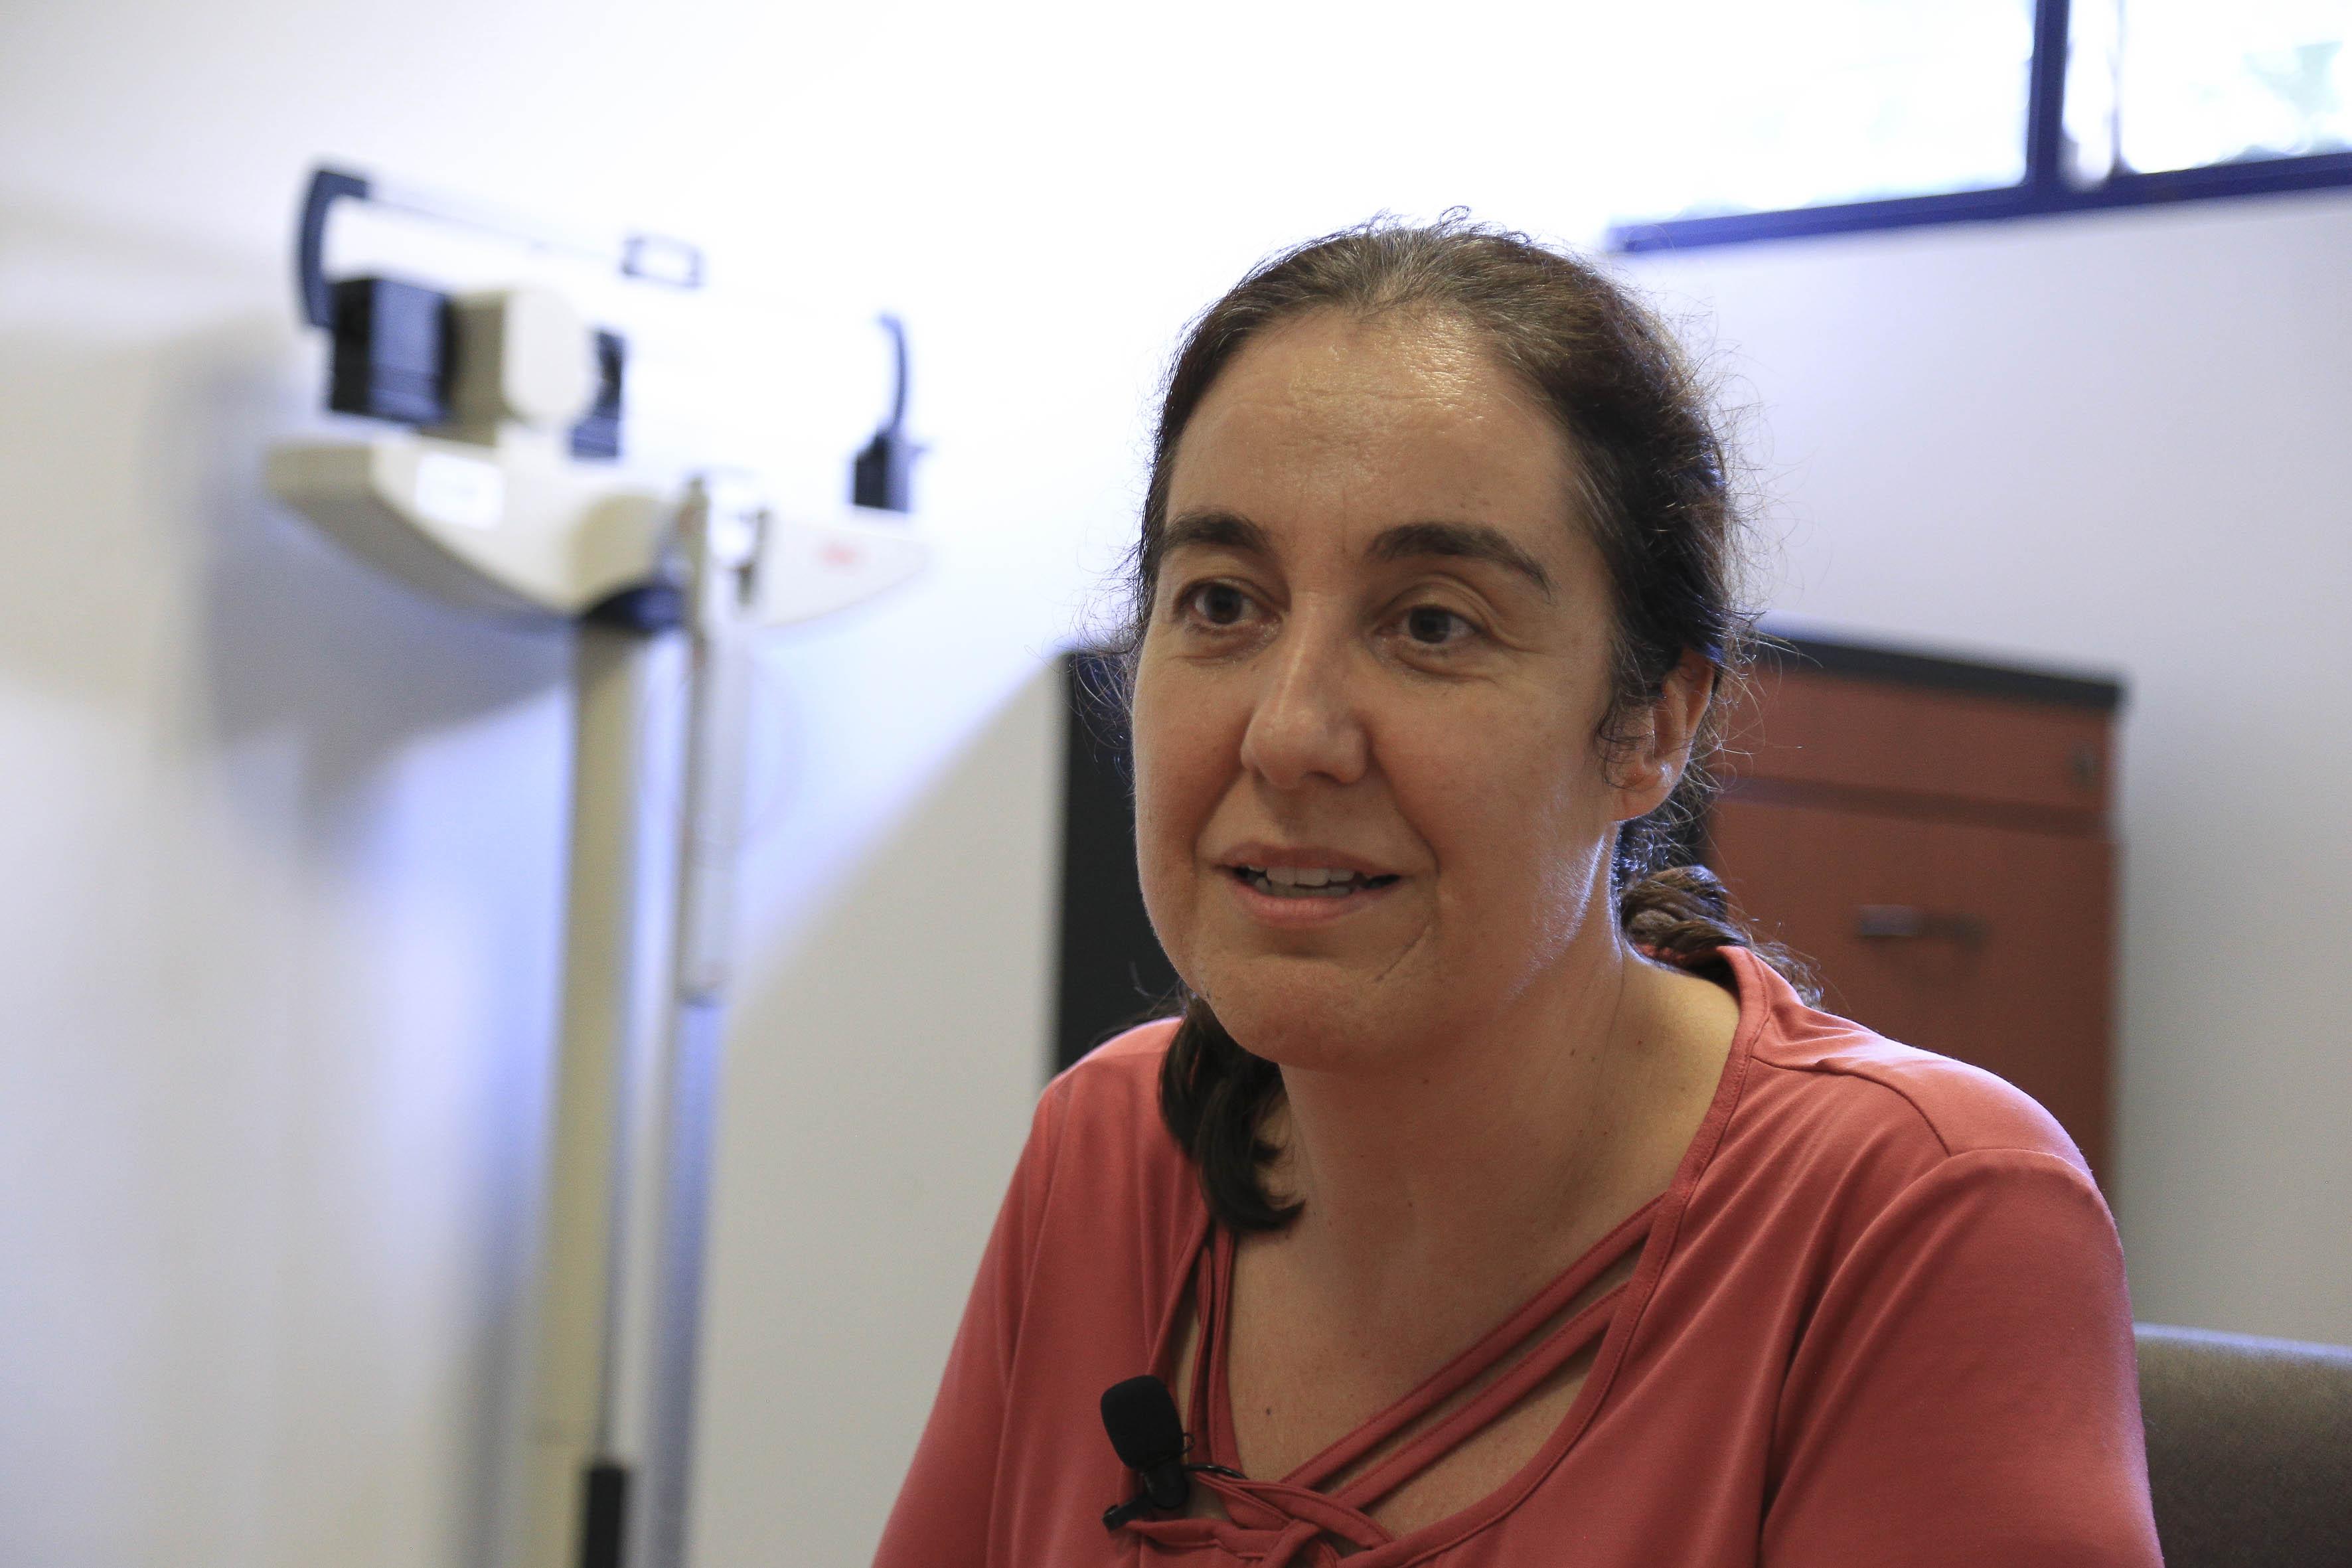 Dra. Bárbara Vizmanos, coordinadora de Investigación y promotora del Lactario CUCS